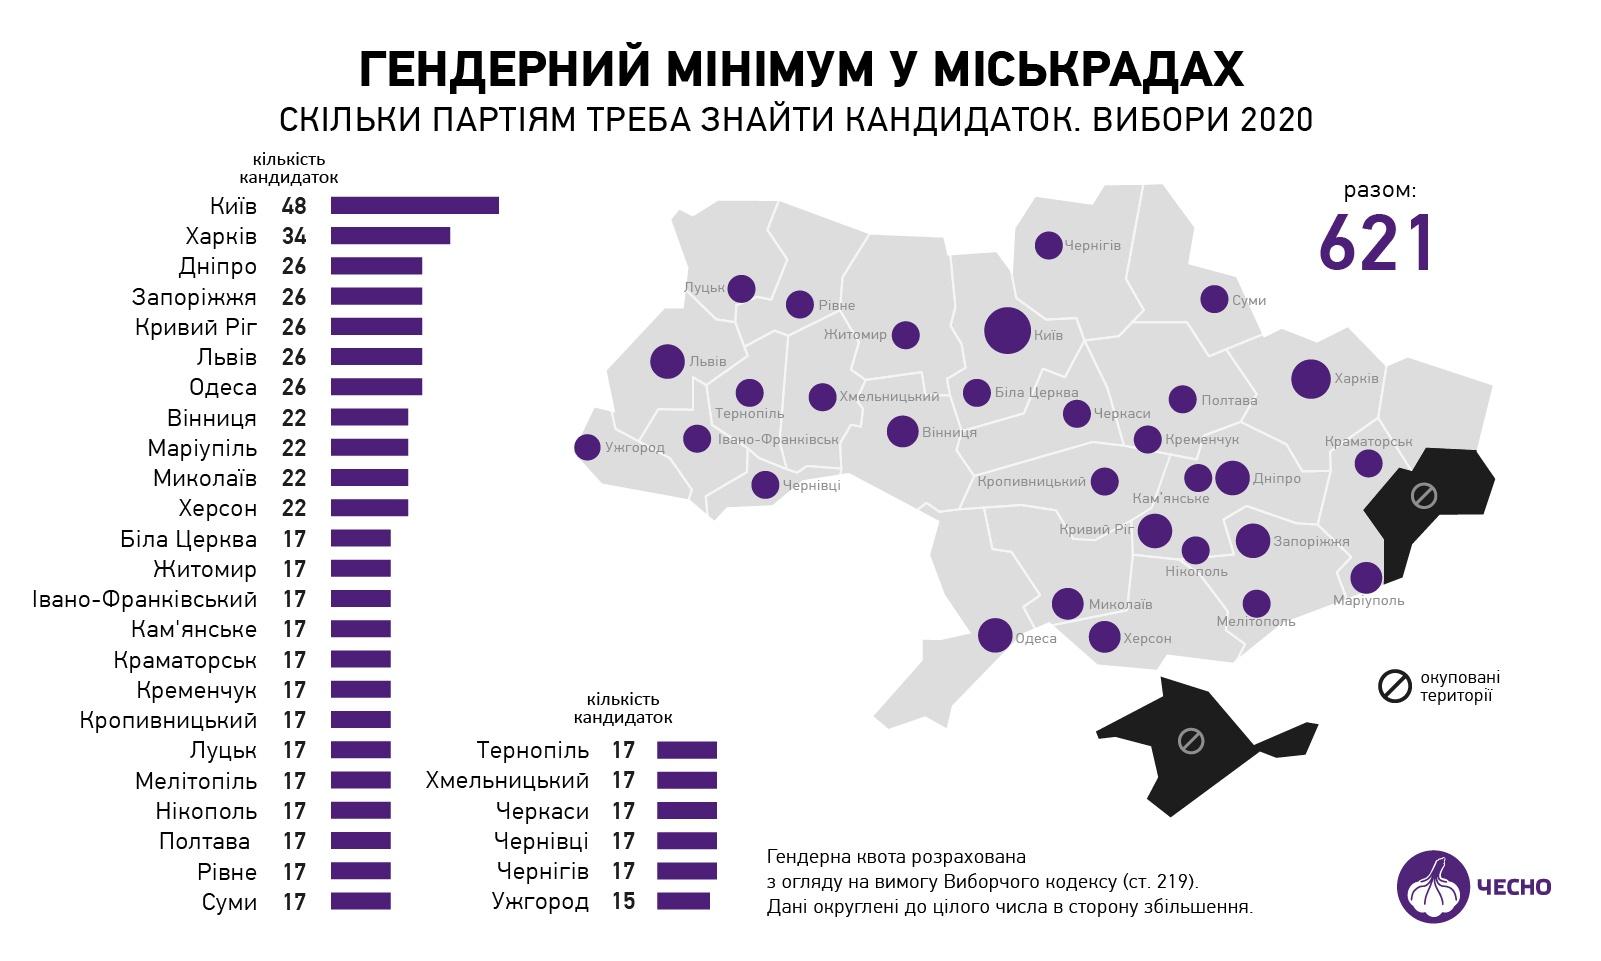 Фото: chesno.org